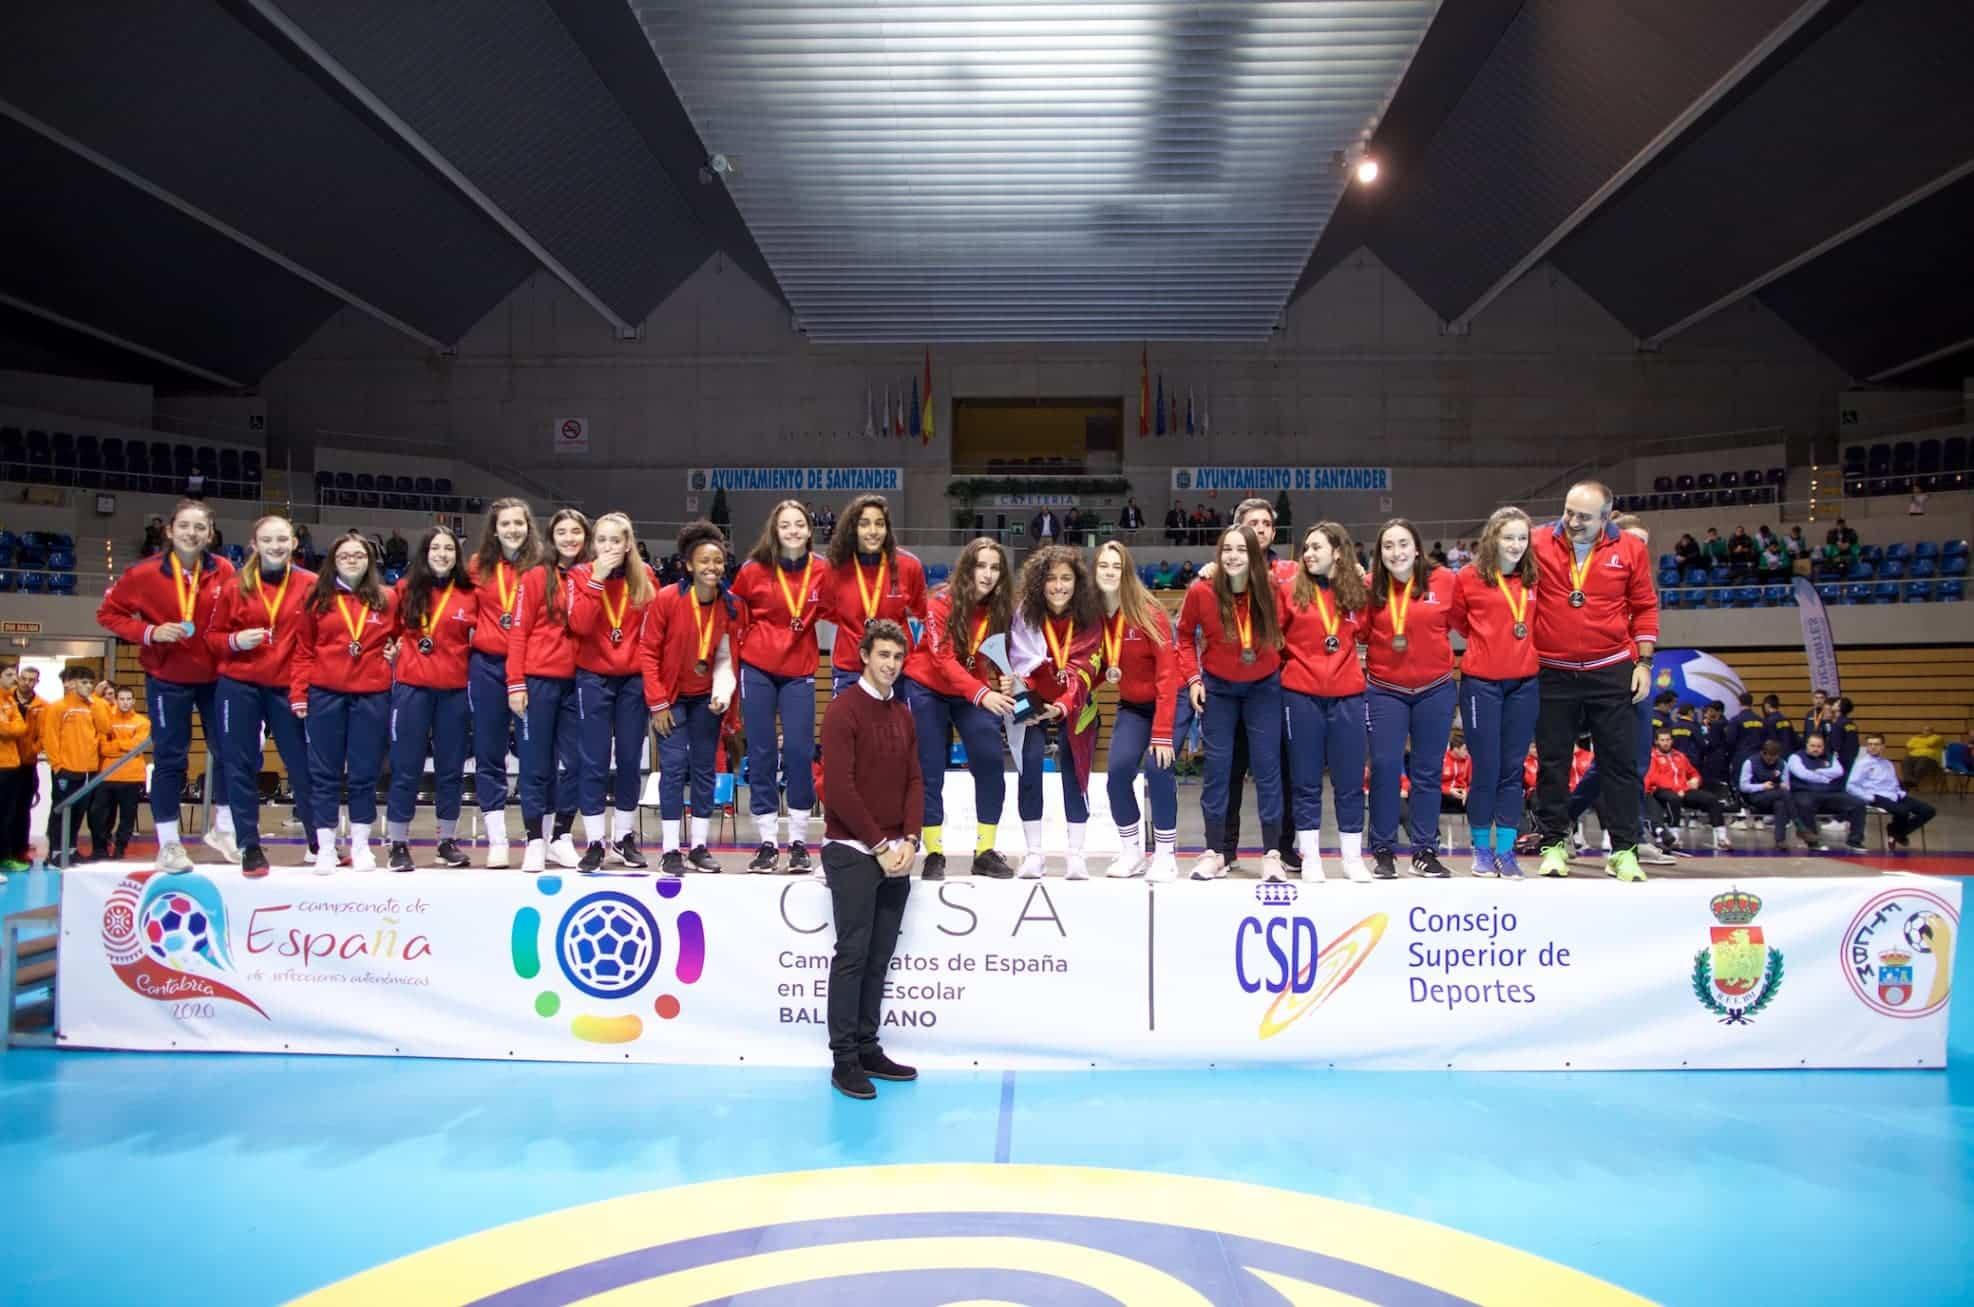 Campeonato de Espana de Selecciones Autonomicas de Balonmano CESA2020 1 - Herencia en el Campeonato de España de Balonmano Base